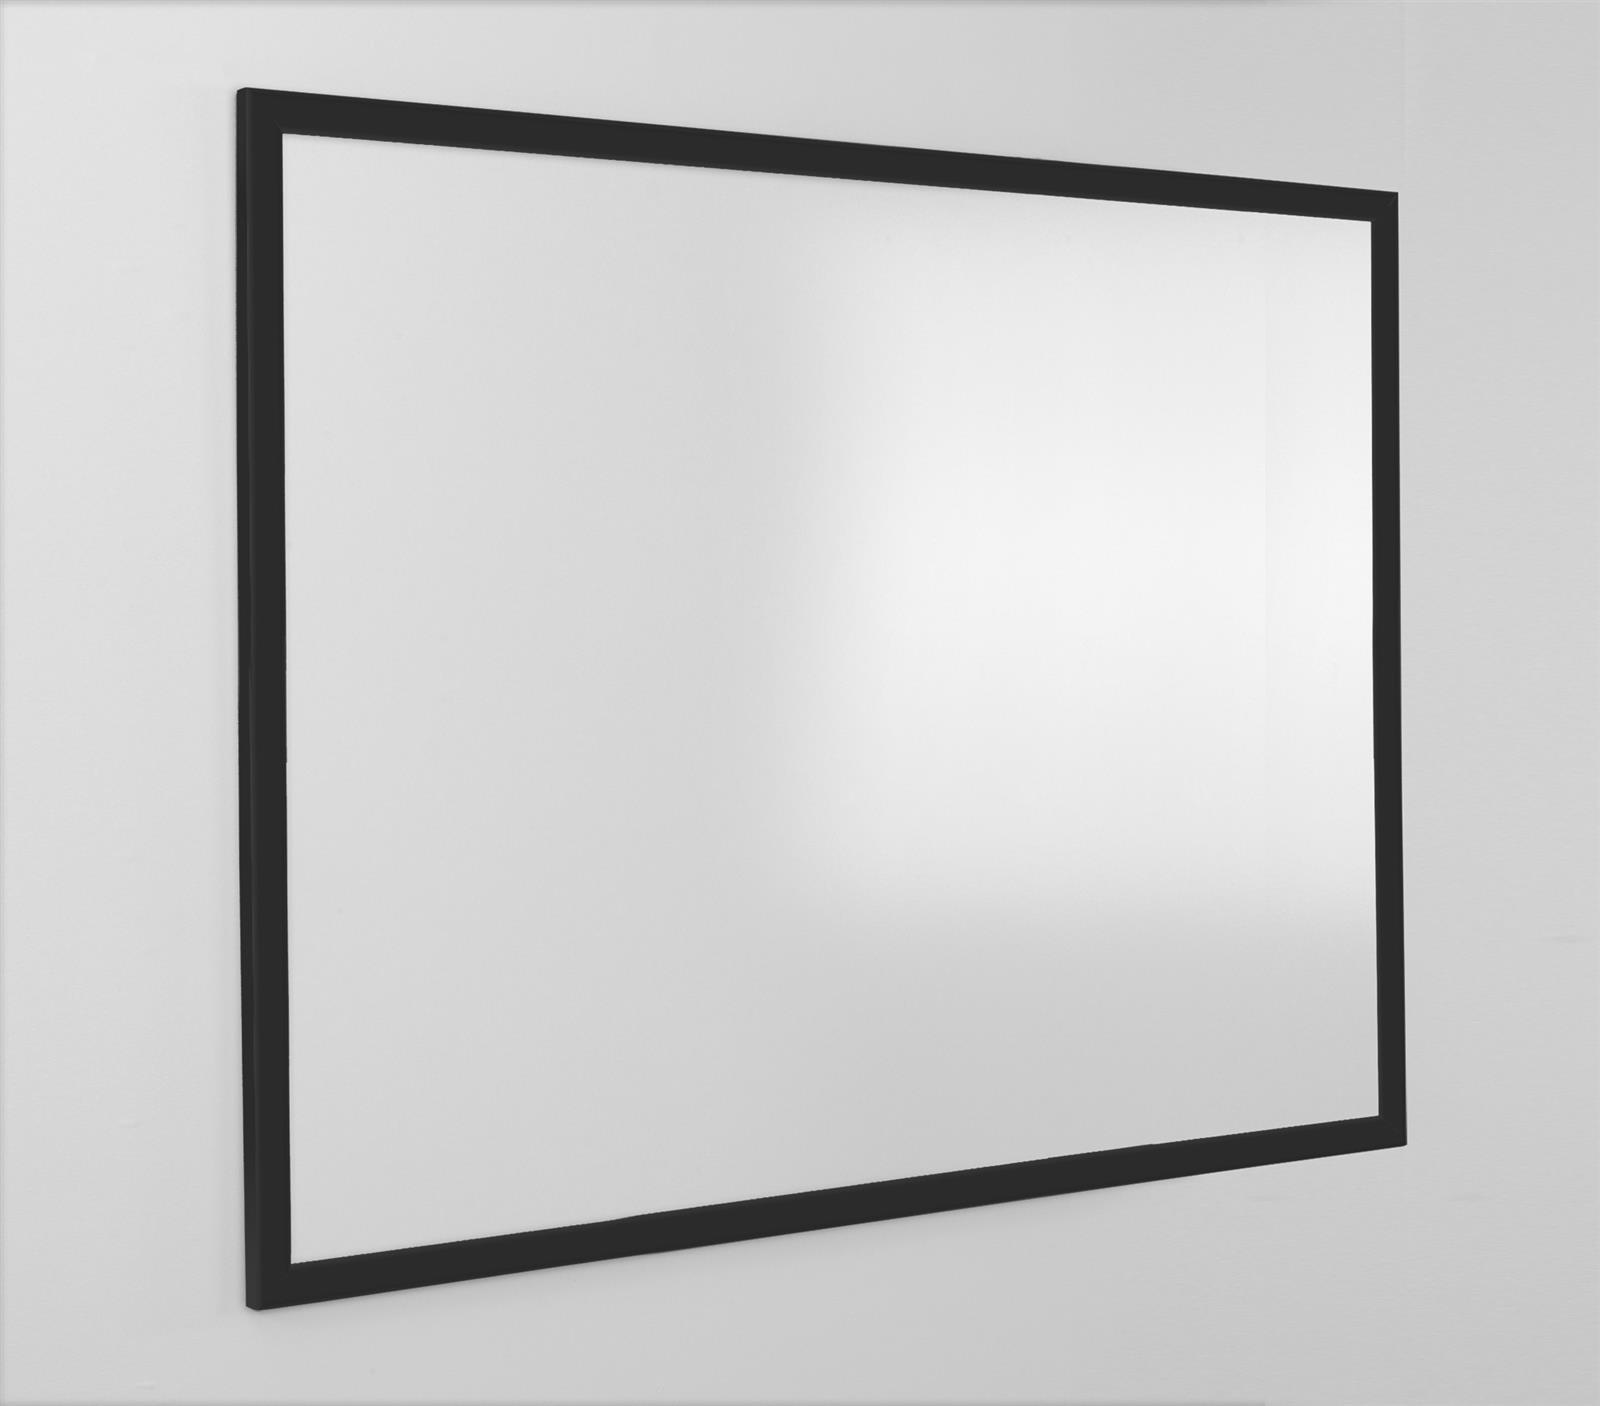 WriteOn Eco-Friendly Whiteboards